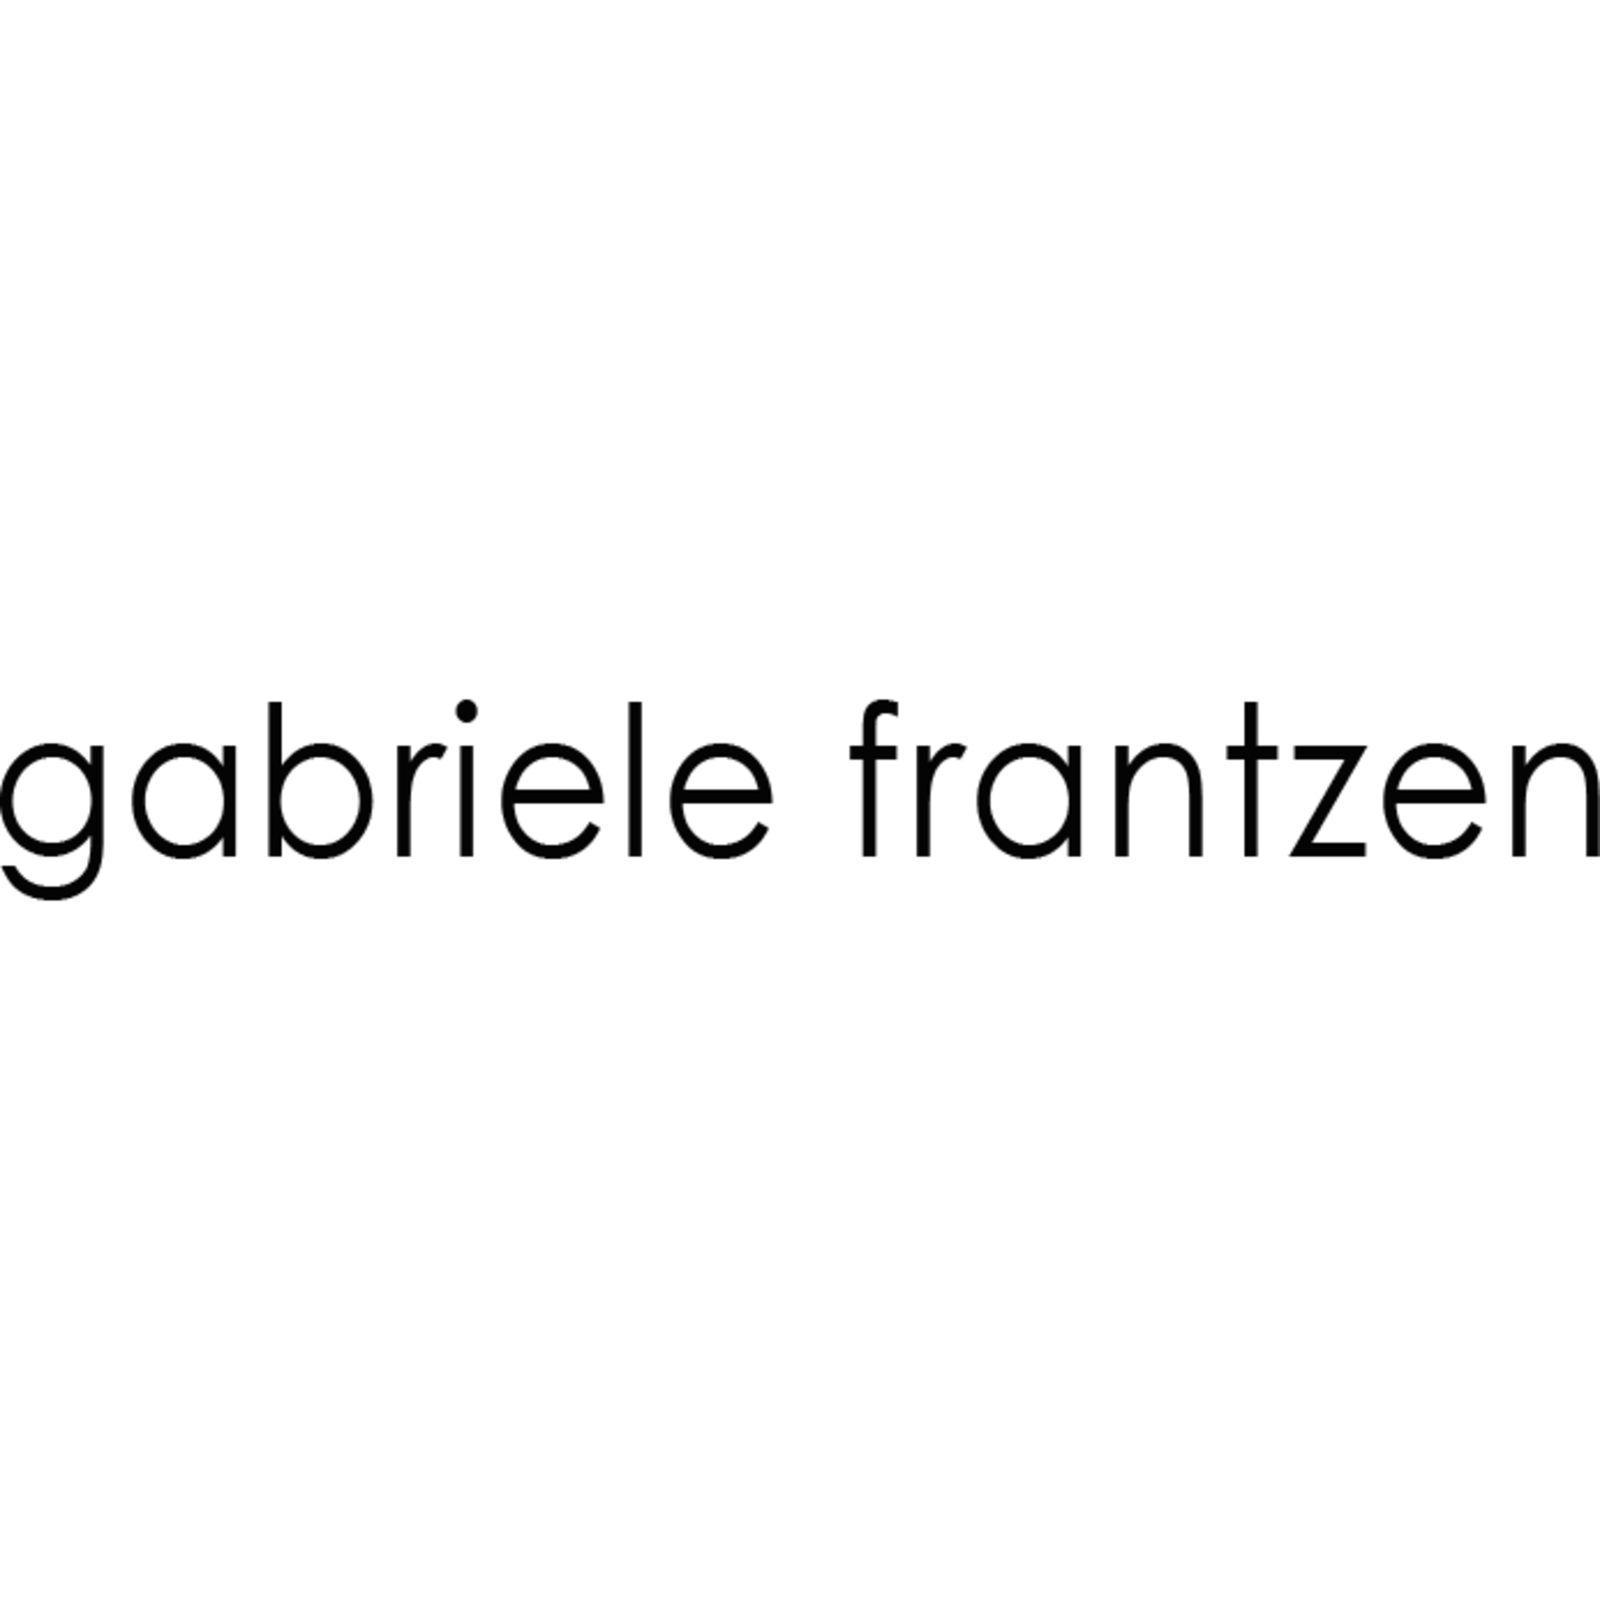 gabriele frantzen